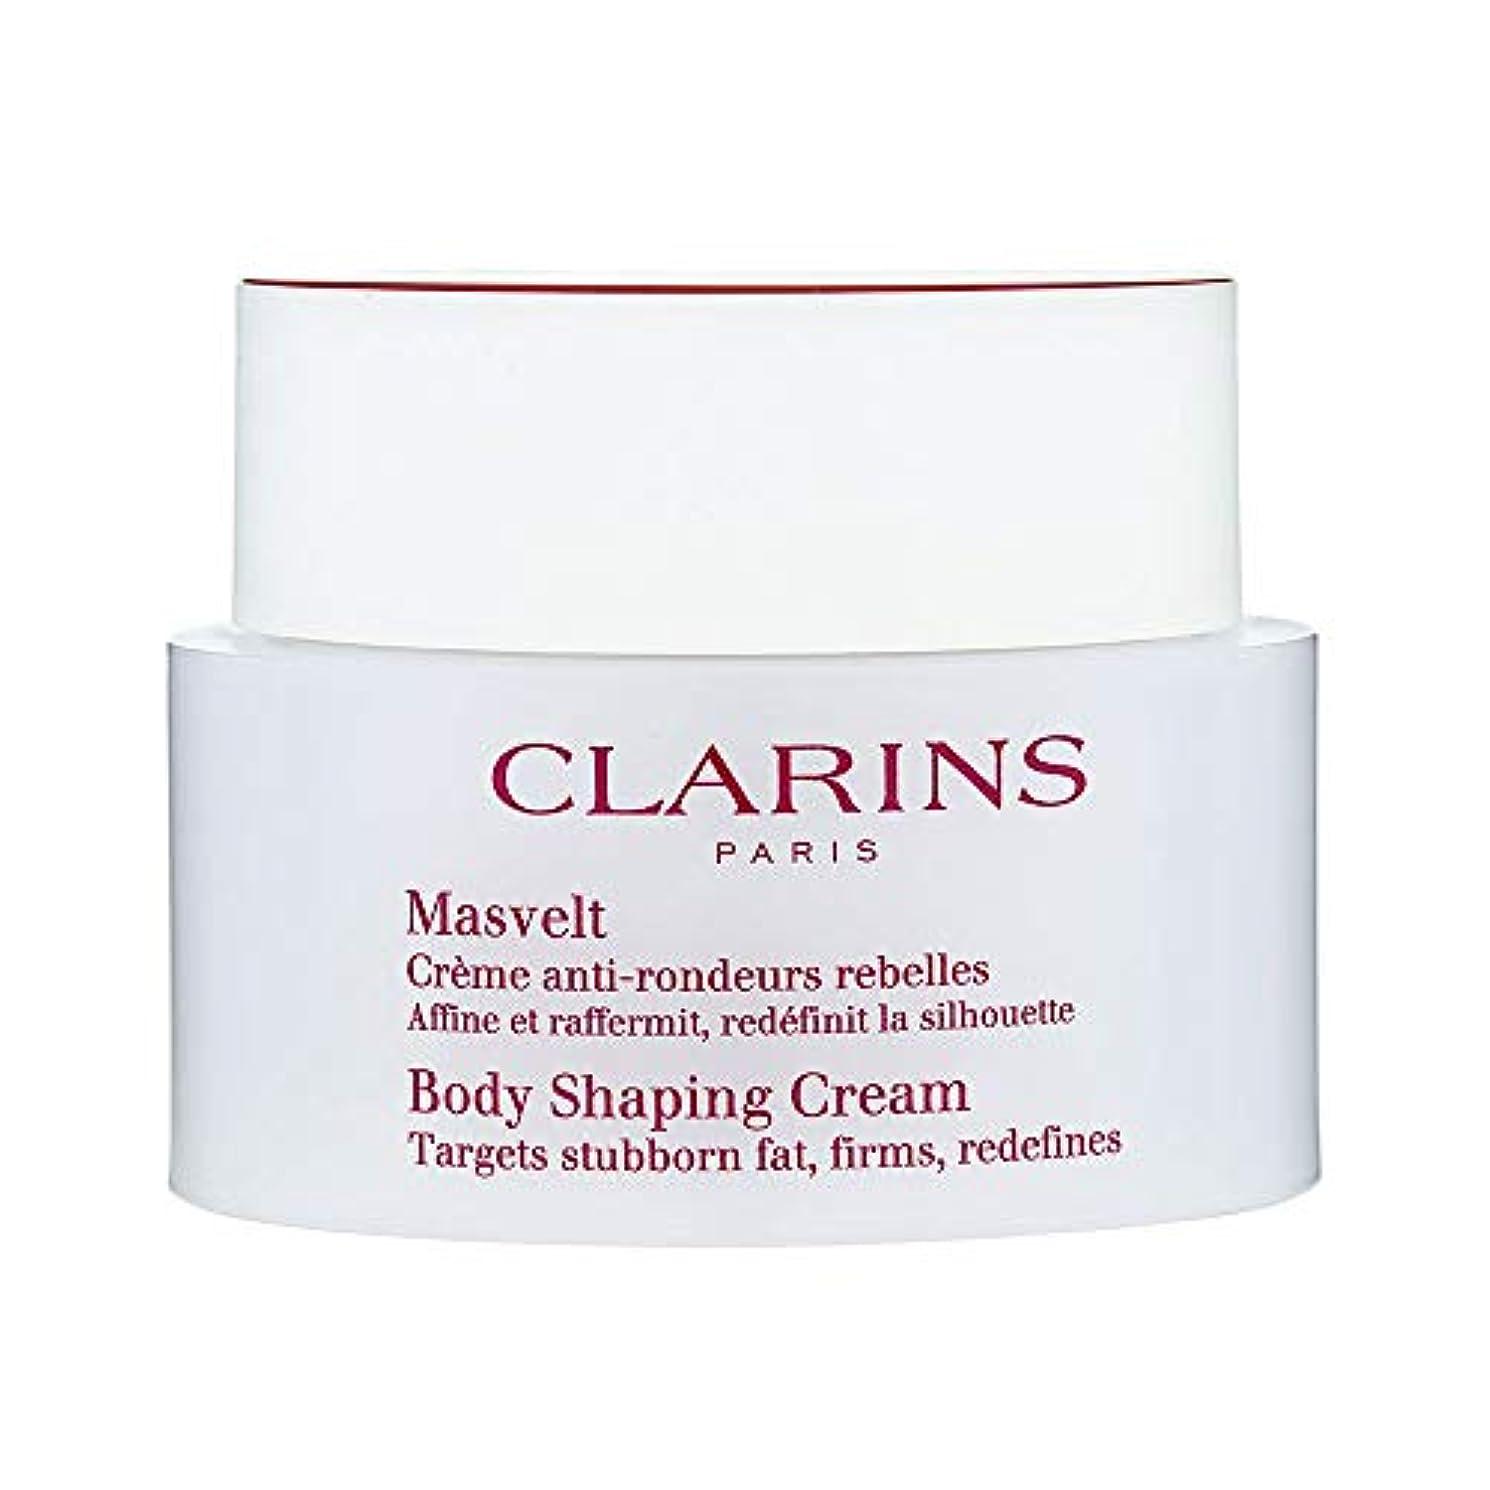 洗う整然としたスナッチクラランス (CLARINS) クレーム マスヴェルト 200ml [並行輸入品]